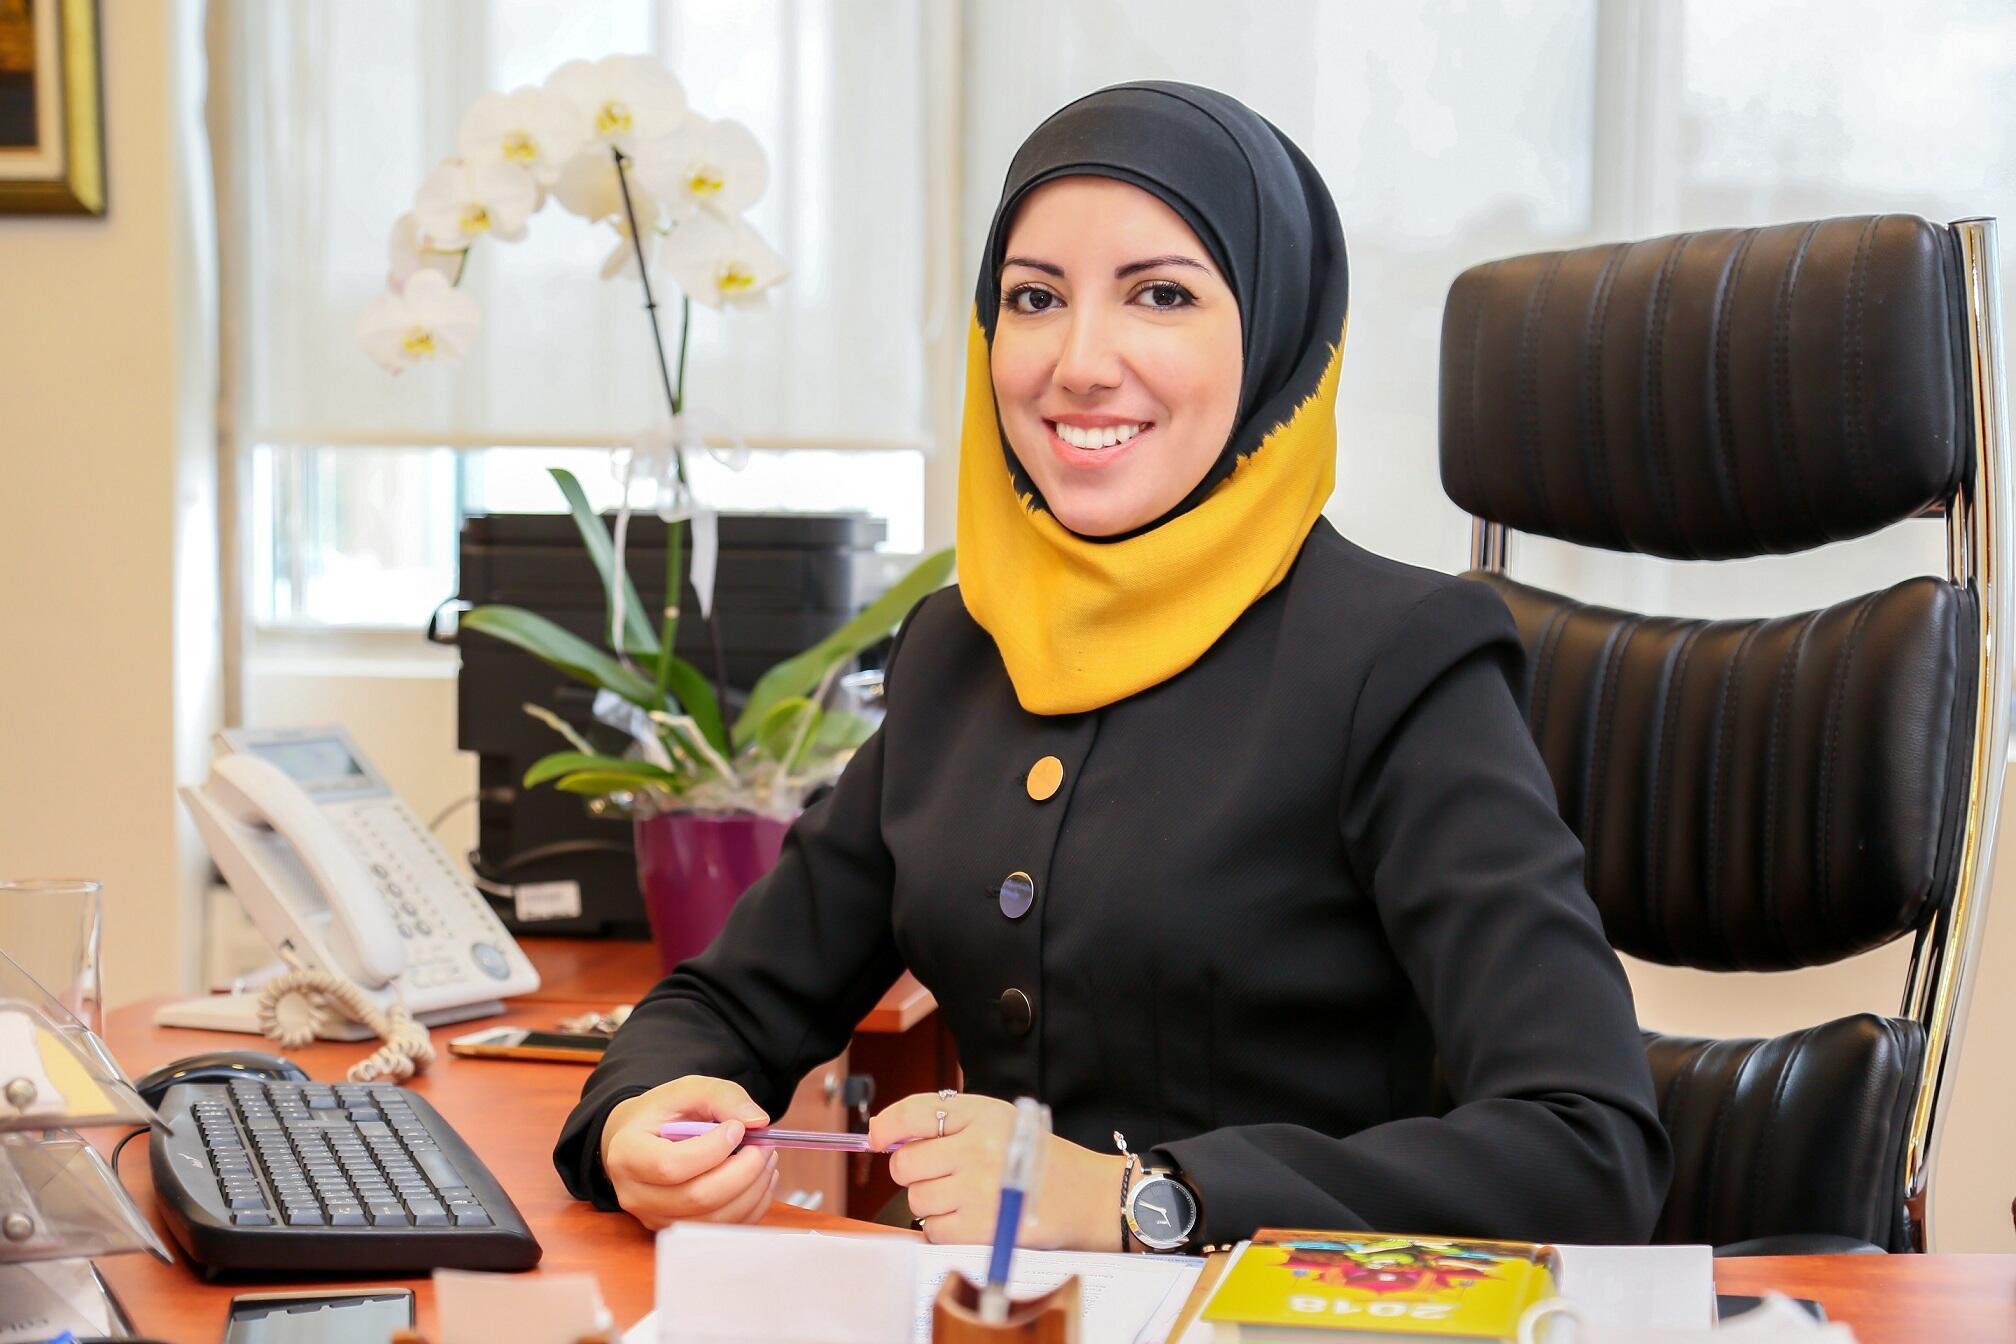 """معلمة من لبنان تنضم إلى القائمة النهائية لأفضل 50 معلماً مرشحين لنيل """"جائزة أفضل معلم في العالم 2018"""""""